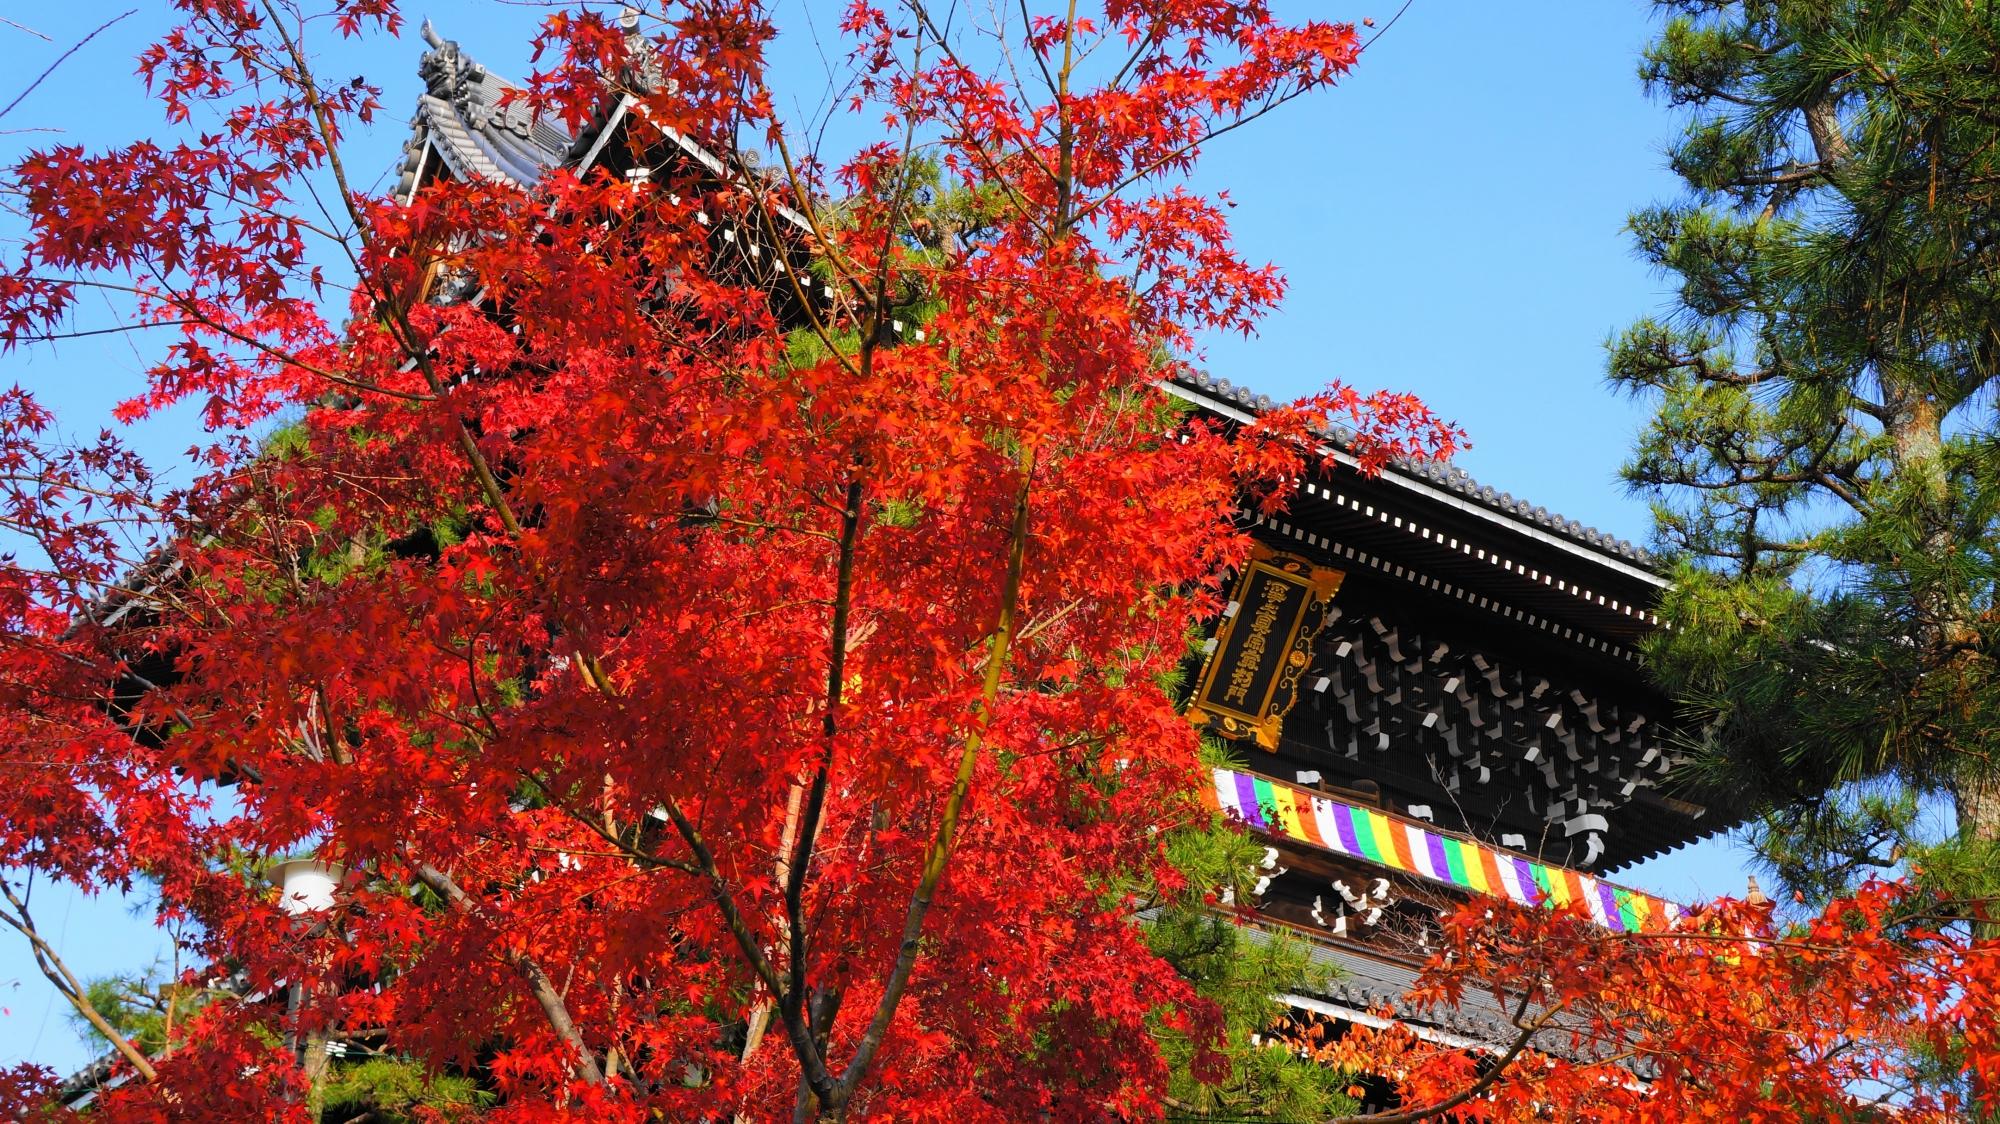 大きな山門を彩る鮮やかな紅葉